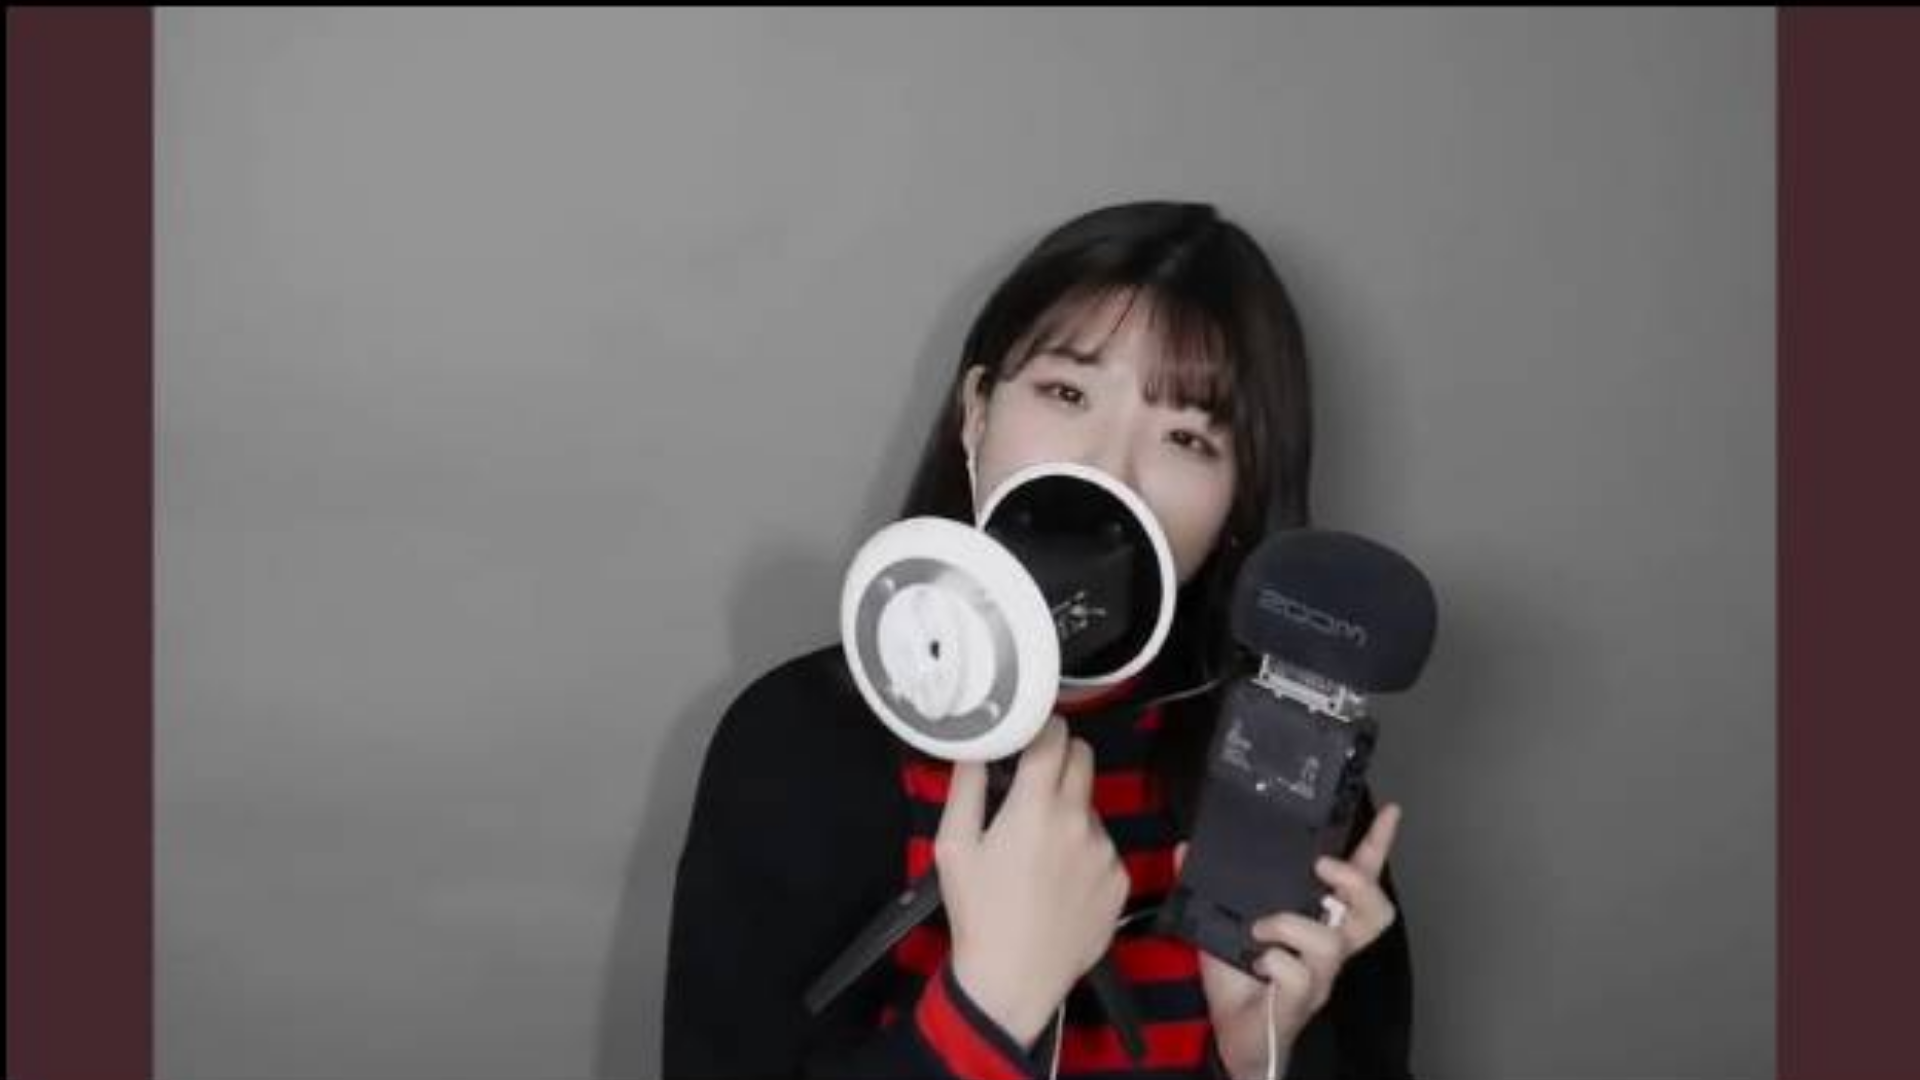 【心跳声_轻声细语】 yeonchu小姐姐助眠